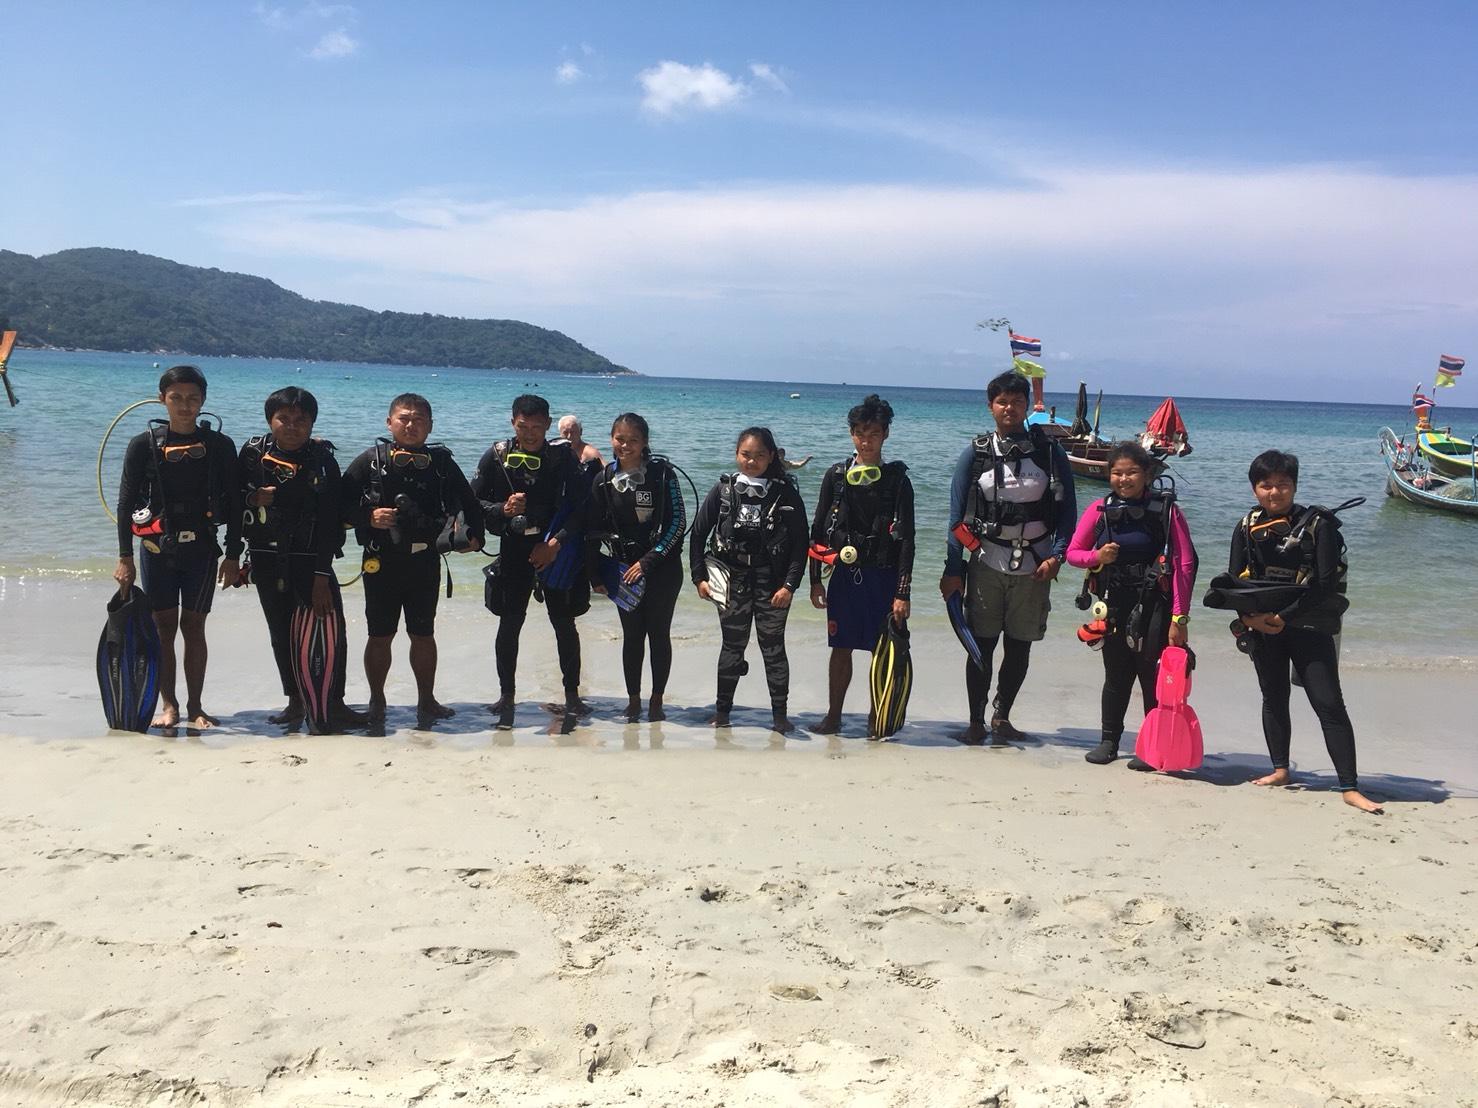 โครงการฝึกดำน้ำ นักศึกษามหาวิทยาลัยราชภัฎภูเก็ต